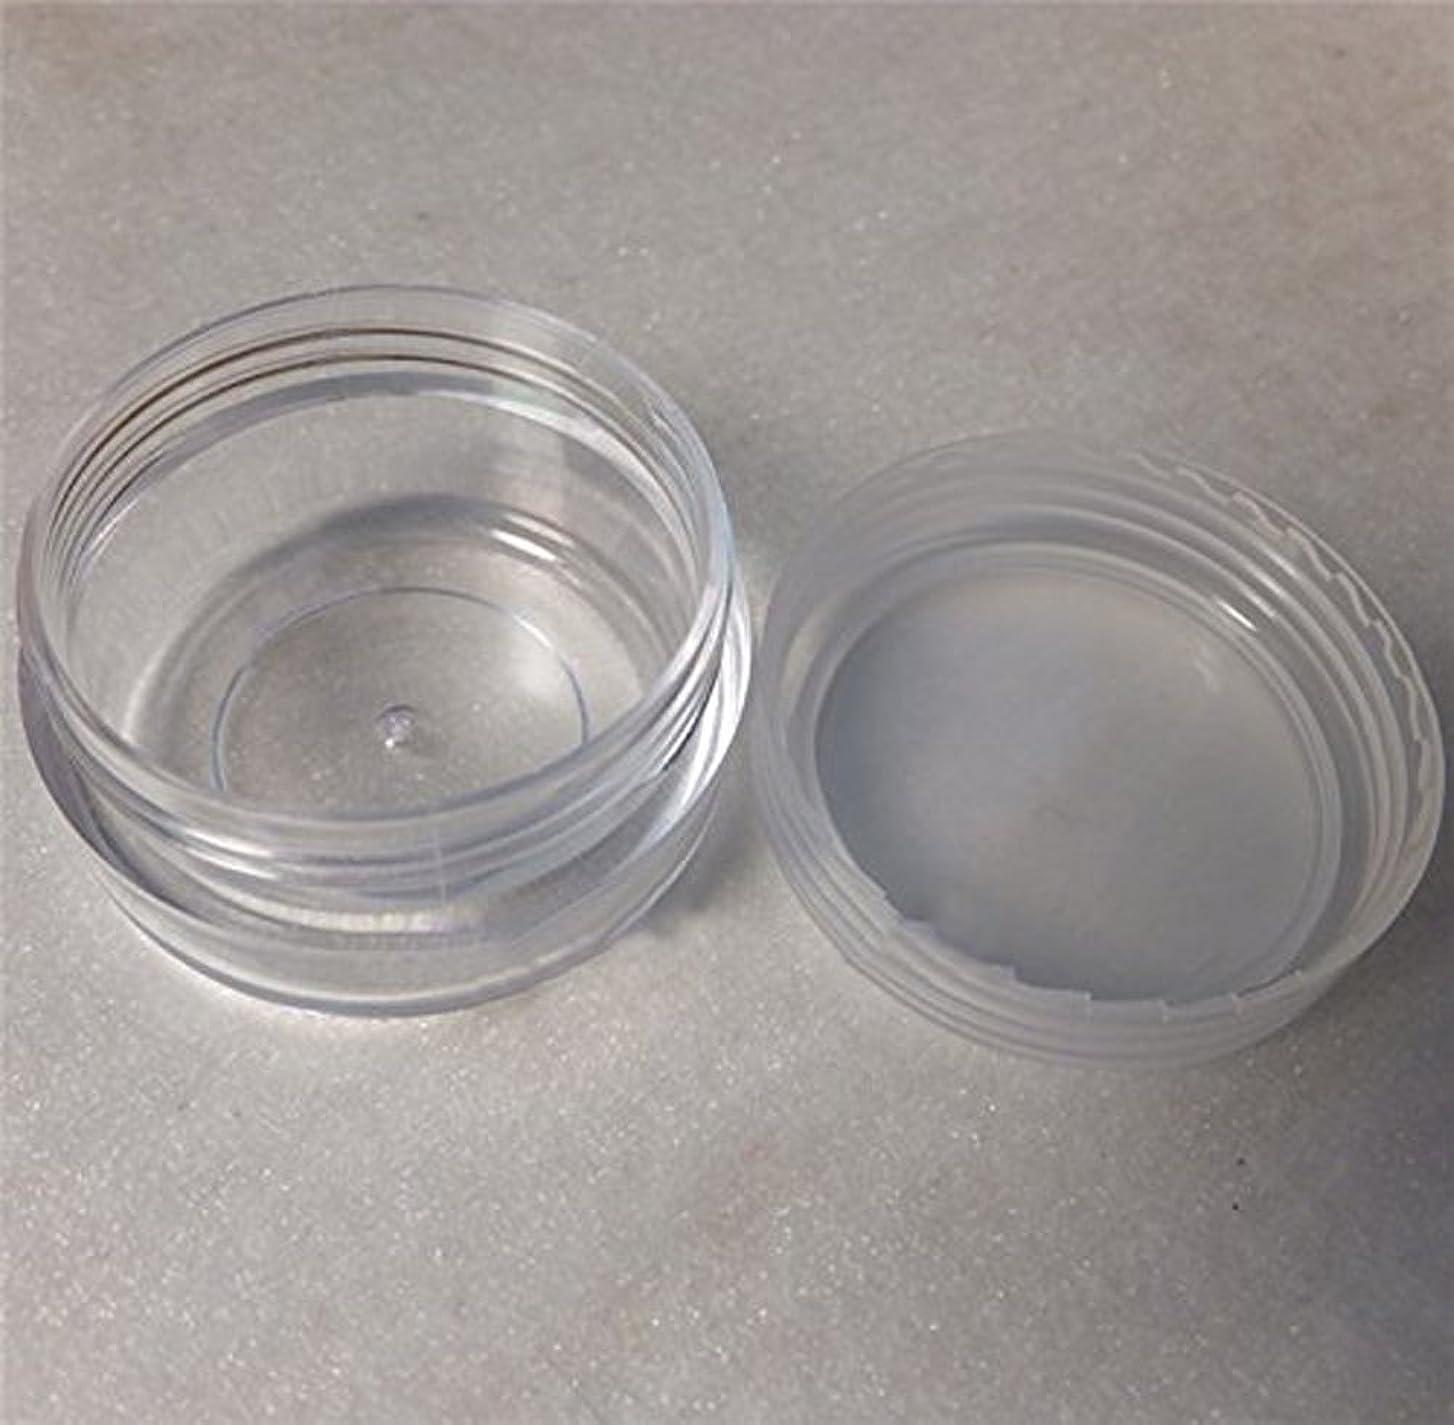 祭りジャンクションジャーナリストLautechco 旅行用 化粧品 小分け容器 クリームケース 詰め替え容器  透明 10g 50本セット